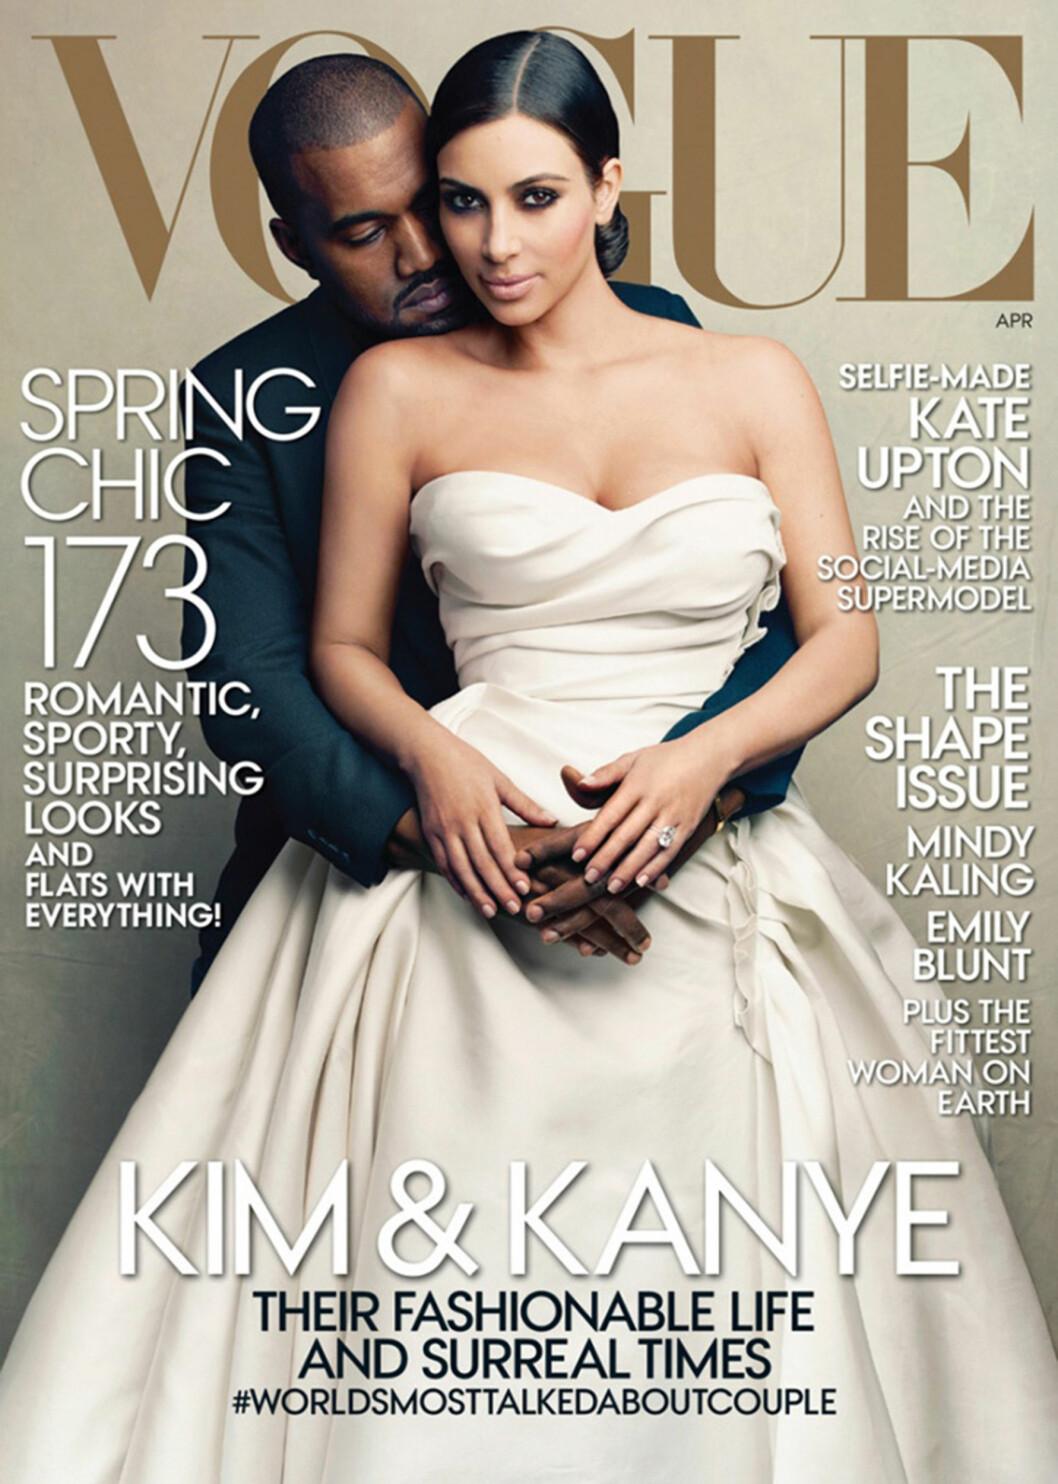 FIKK RIS: Flere mente at Kanye og Kims VOGUE-forside våren 2014 var upassende, men redaktør Anna Wintour gikk ut og forsvarte den uvanlige forsiden. Foto: Stella Pictures